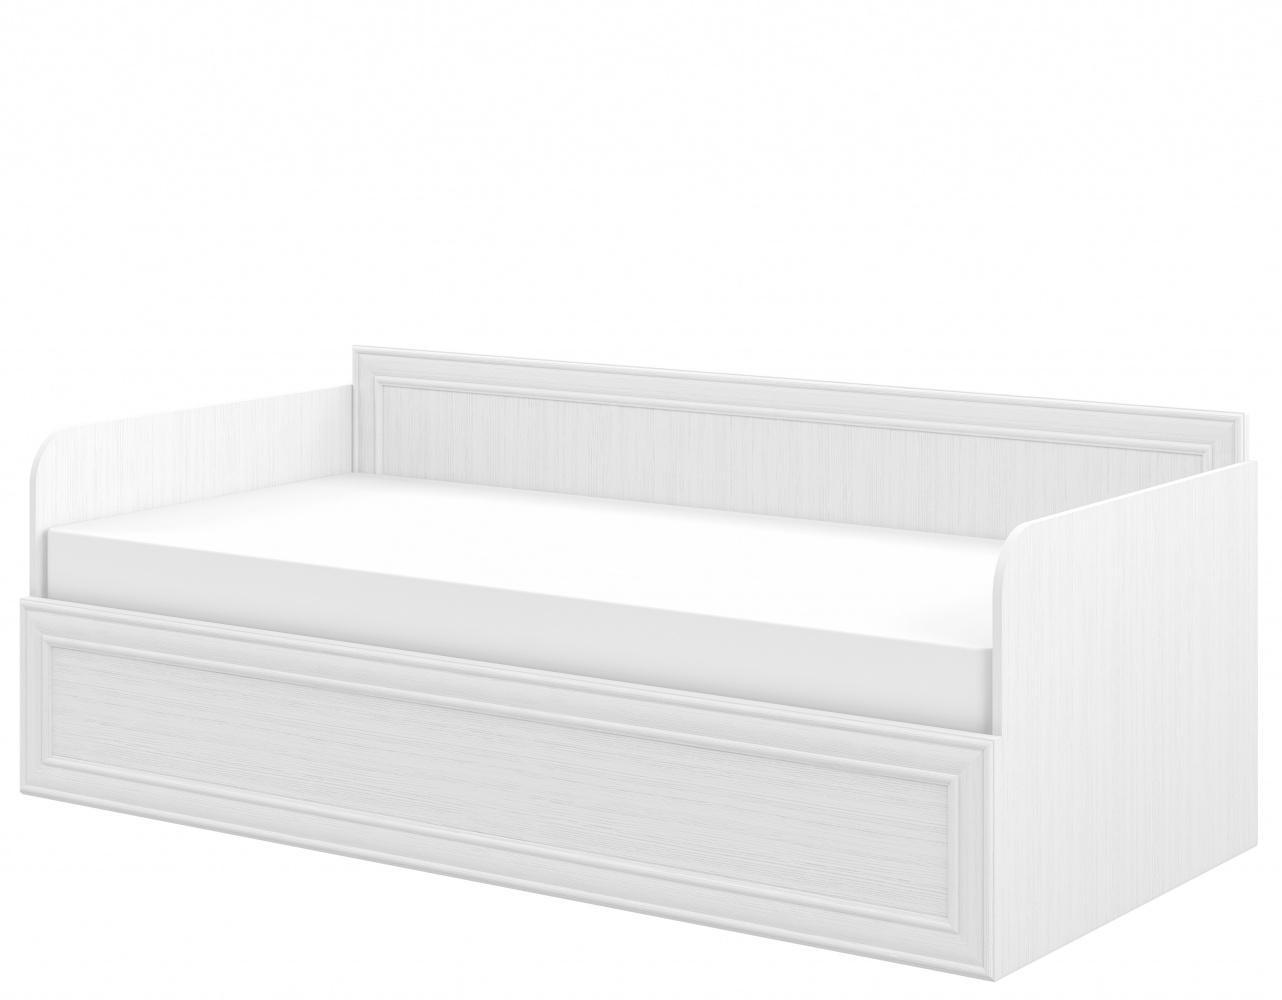 Neman Sofabett mit Stauraum und Lattenrost Juna Weiß